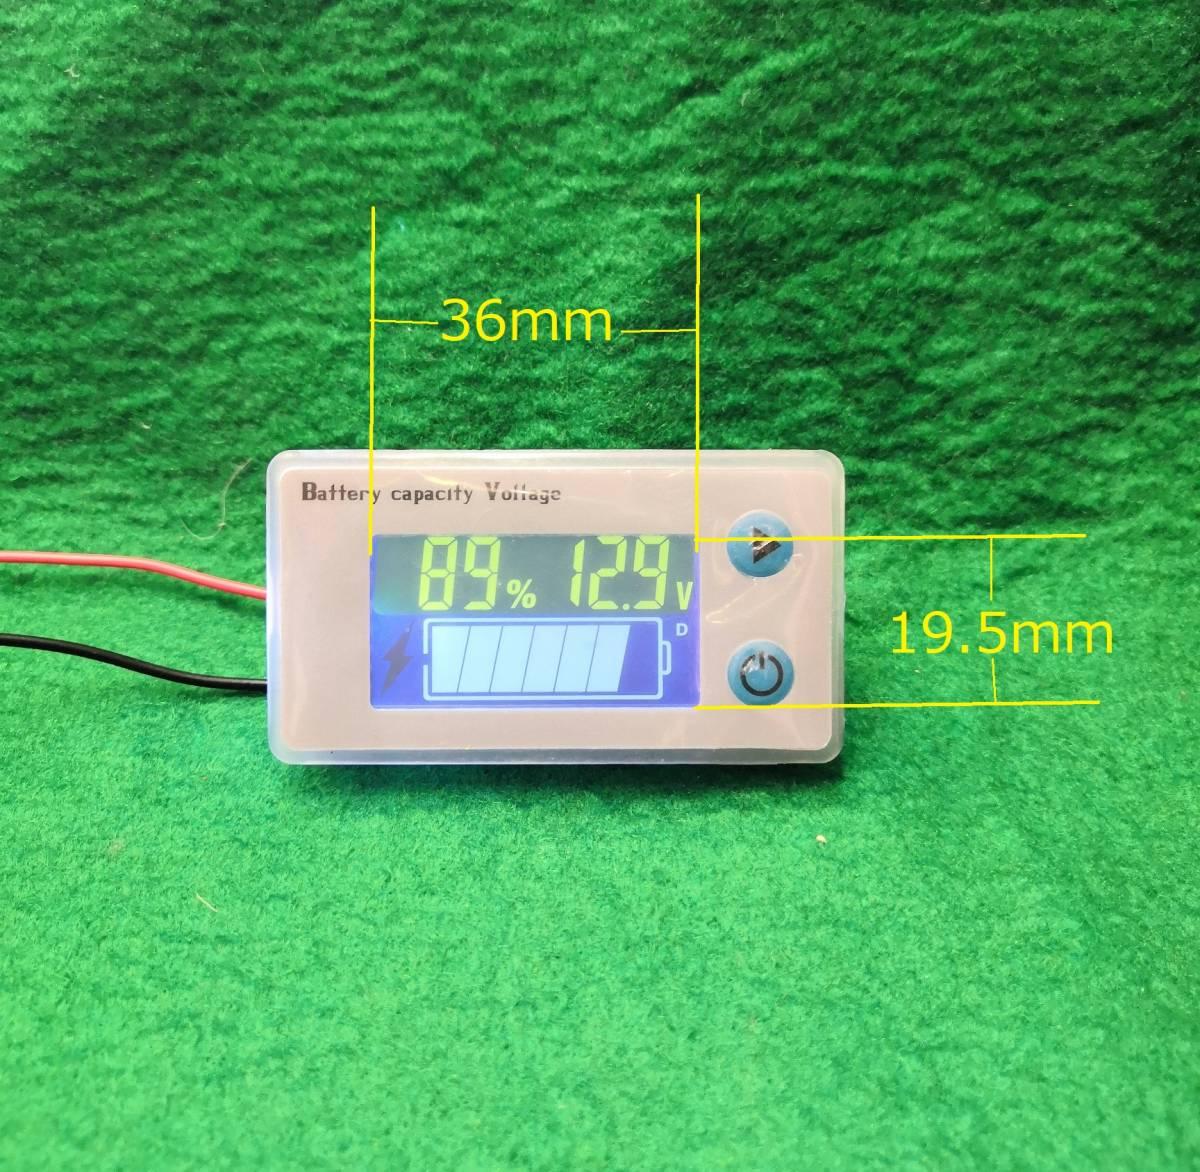 バッテリー容量電圧計温度も表示容量%バー表示パネルはカラー液晶 キャンピングカー電源表示に最適です送料全国一律普通郵便120円_画像4